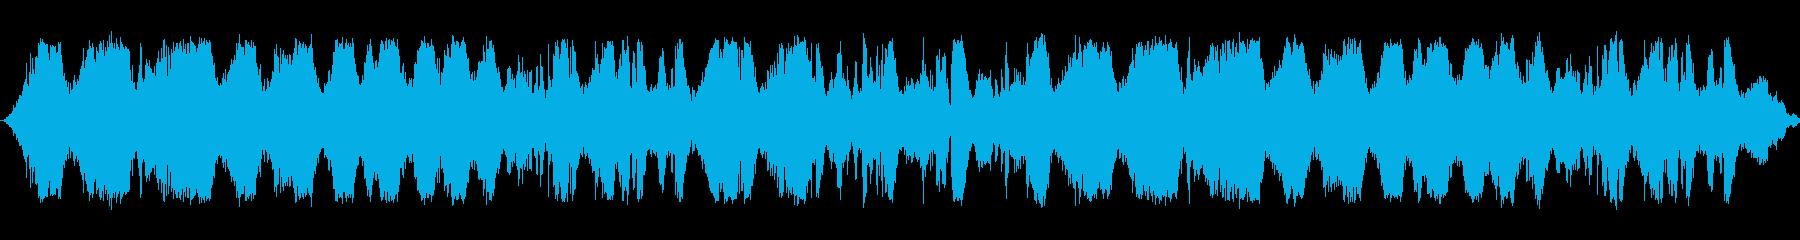 高エネルギーの静的ポップスとクラッ...の再生済みの波形